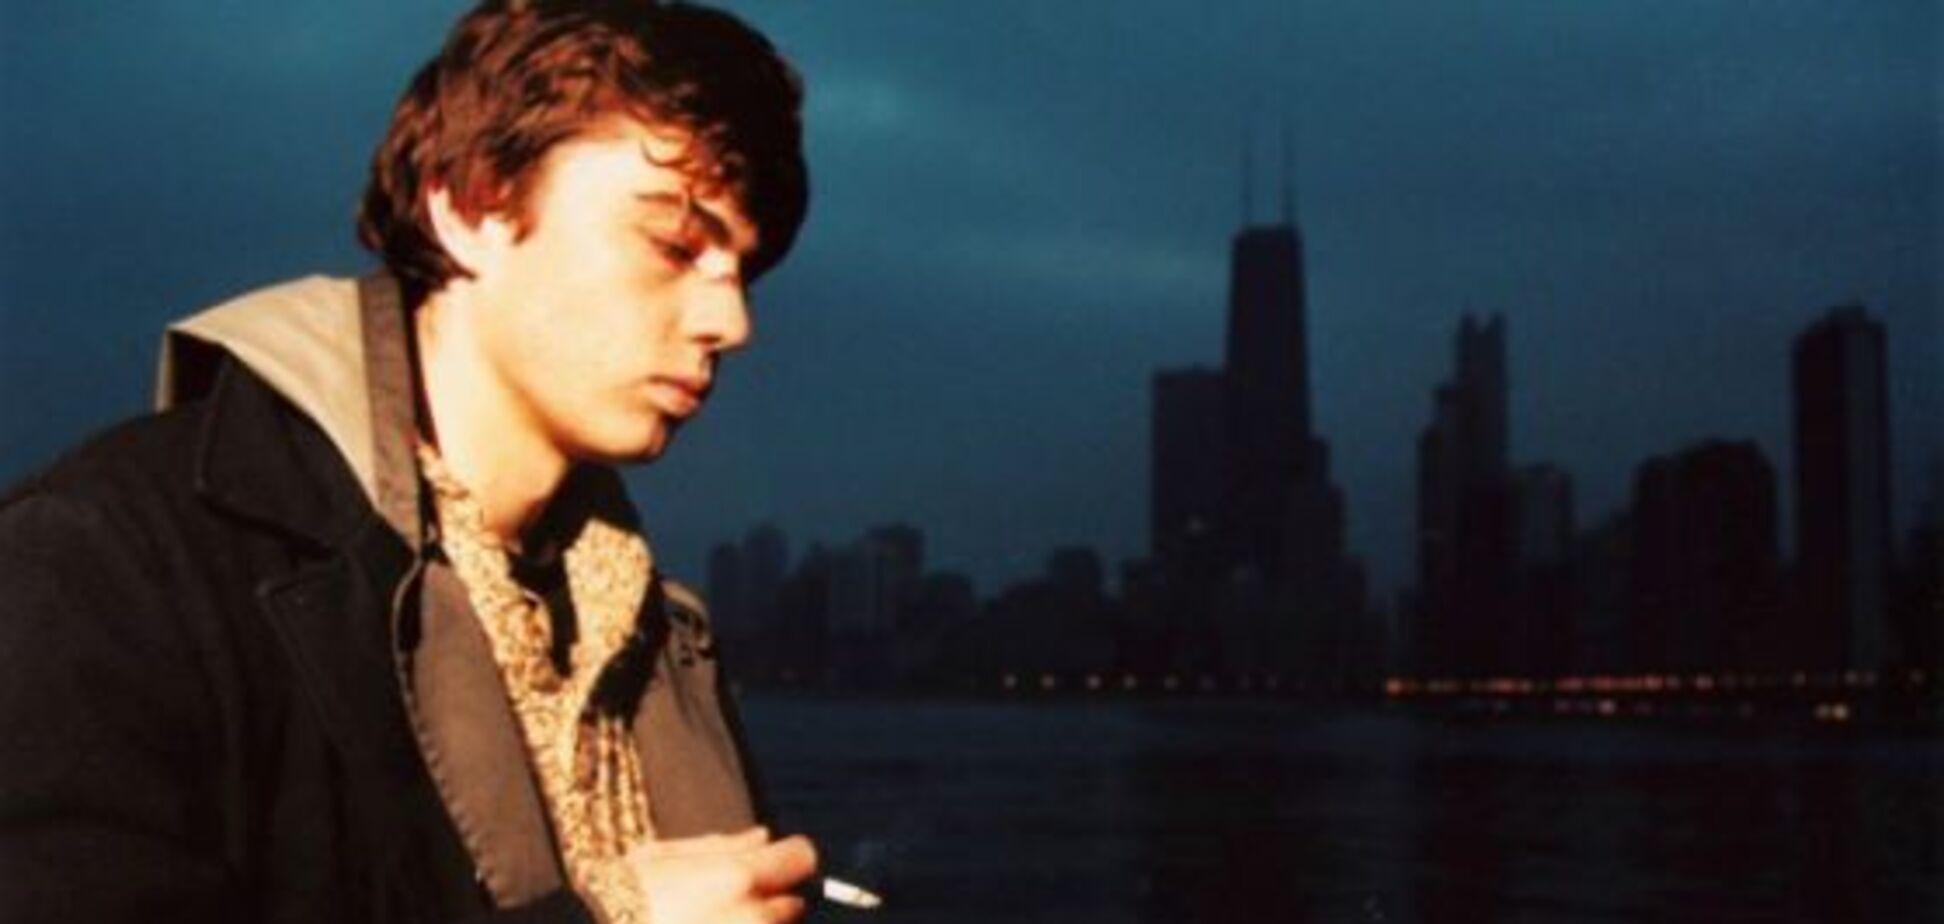 22 года 'Брату': кого из звезд легендарного фильма больше нет